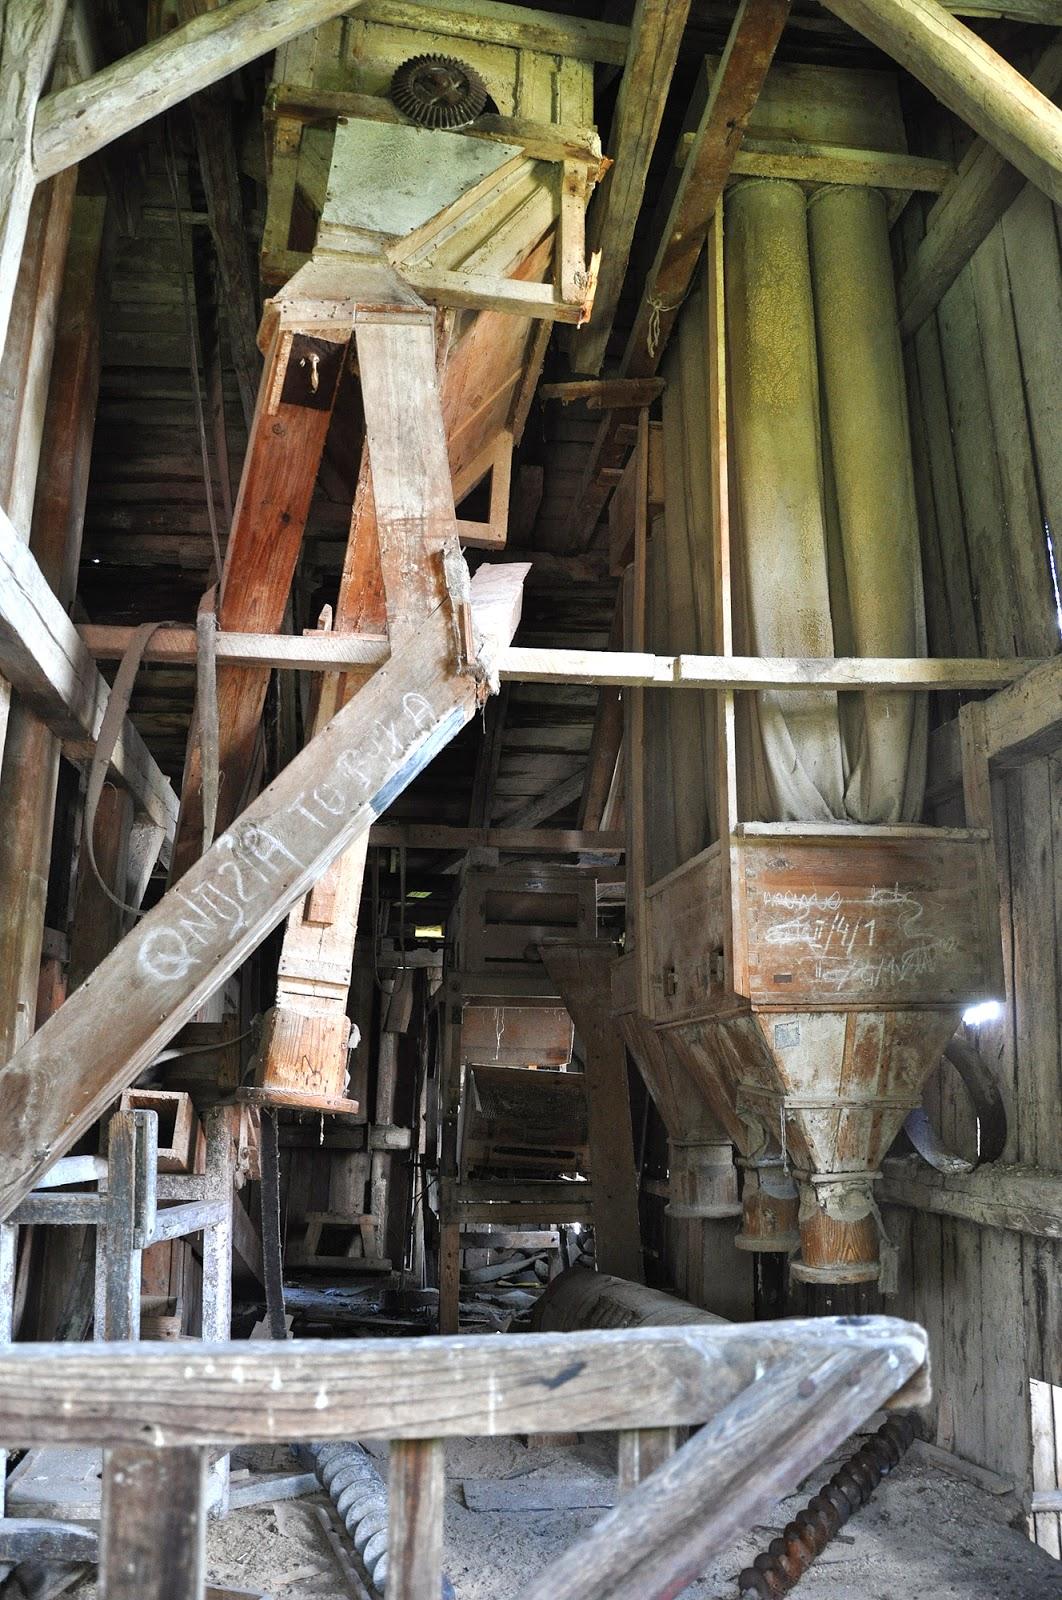 Wnętrze młyna - poziom II kondygnacji. Czerwiec 2014, foto. KW.